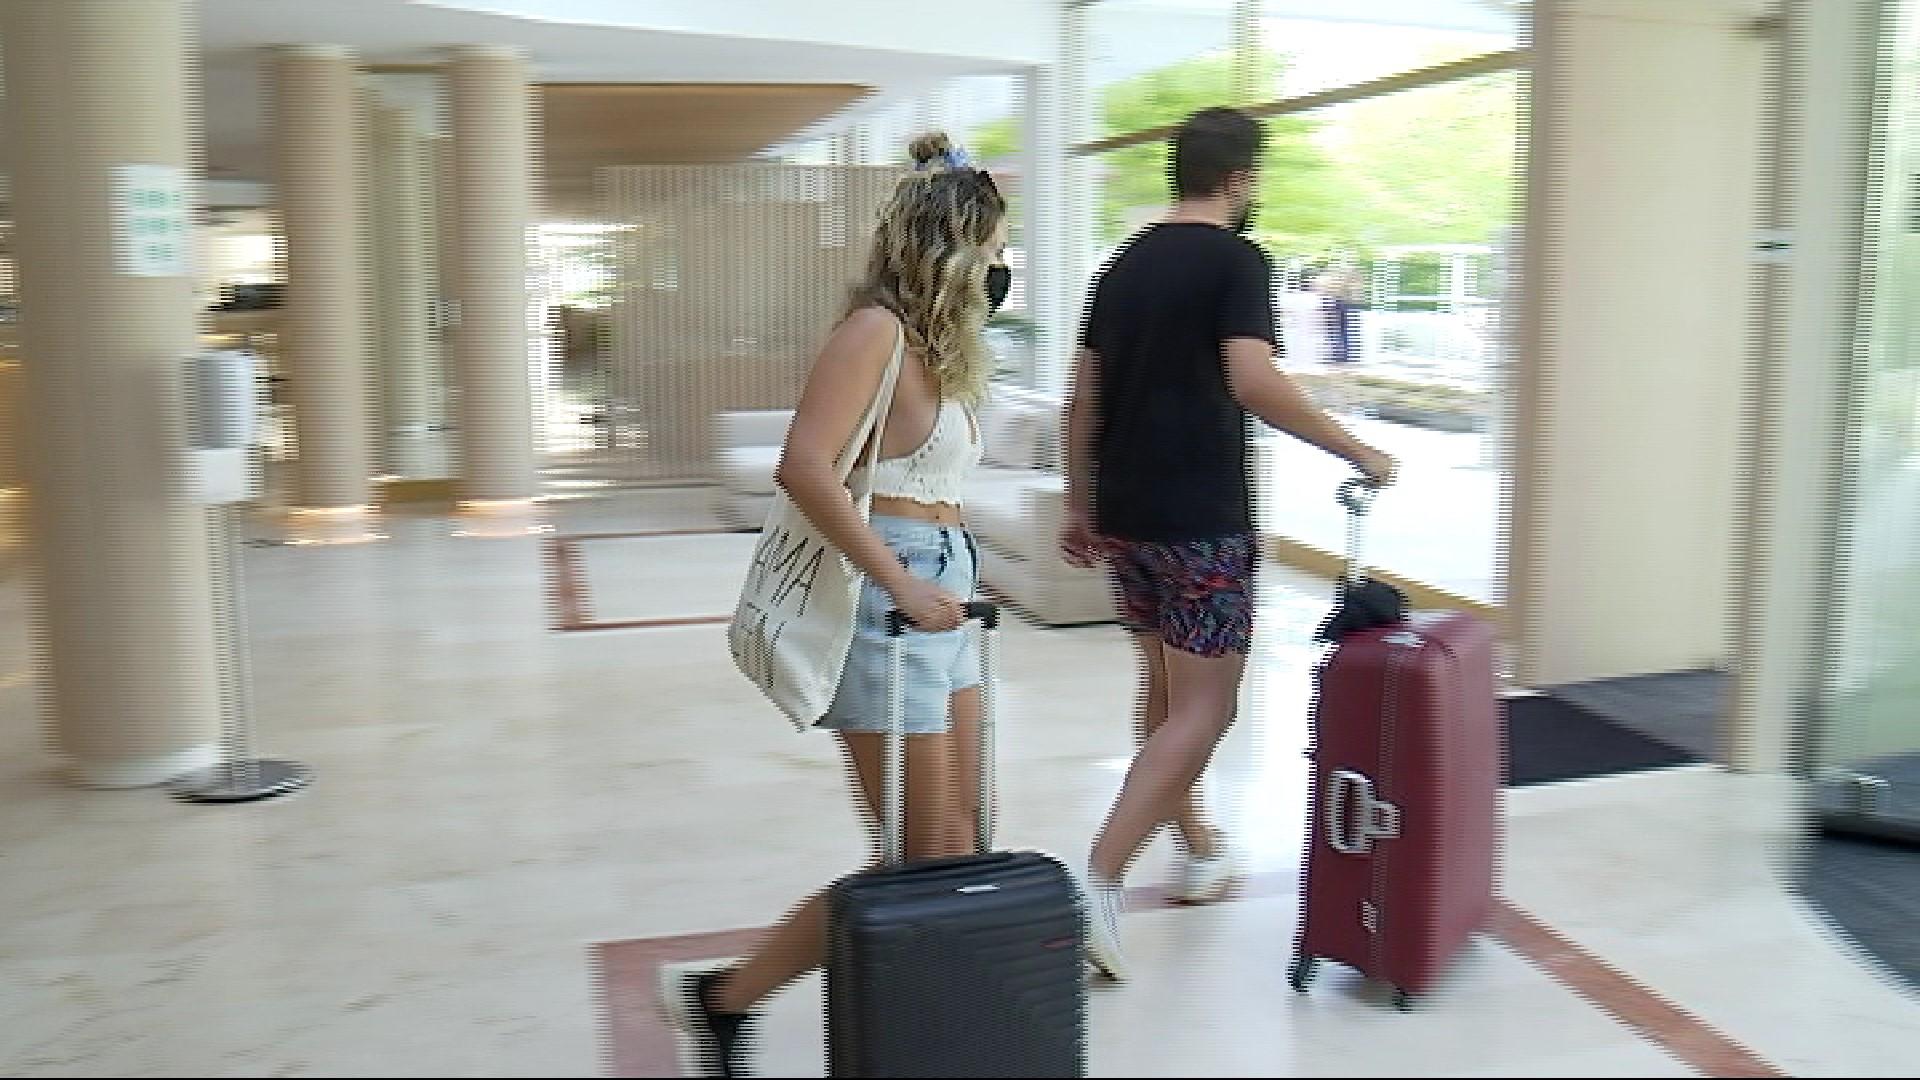 144+hotels+de+Mallorca+ja+han+tancat+despr%C3%A9s+de+les+restriccions+de+diferents+pa%C3%AFsos+europeus